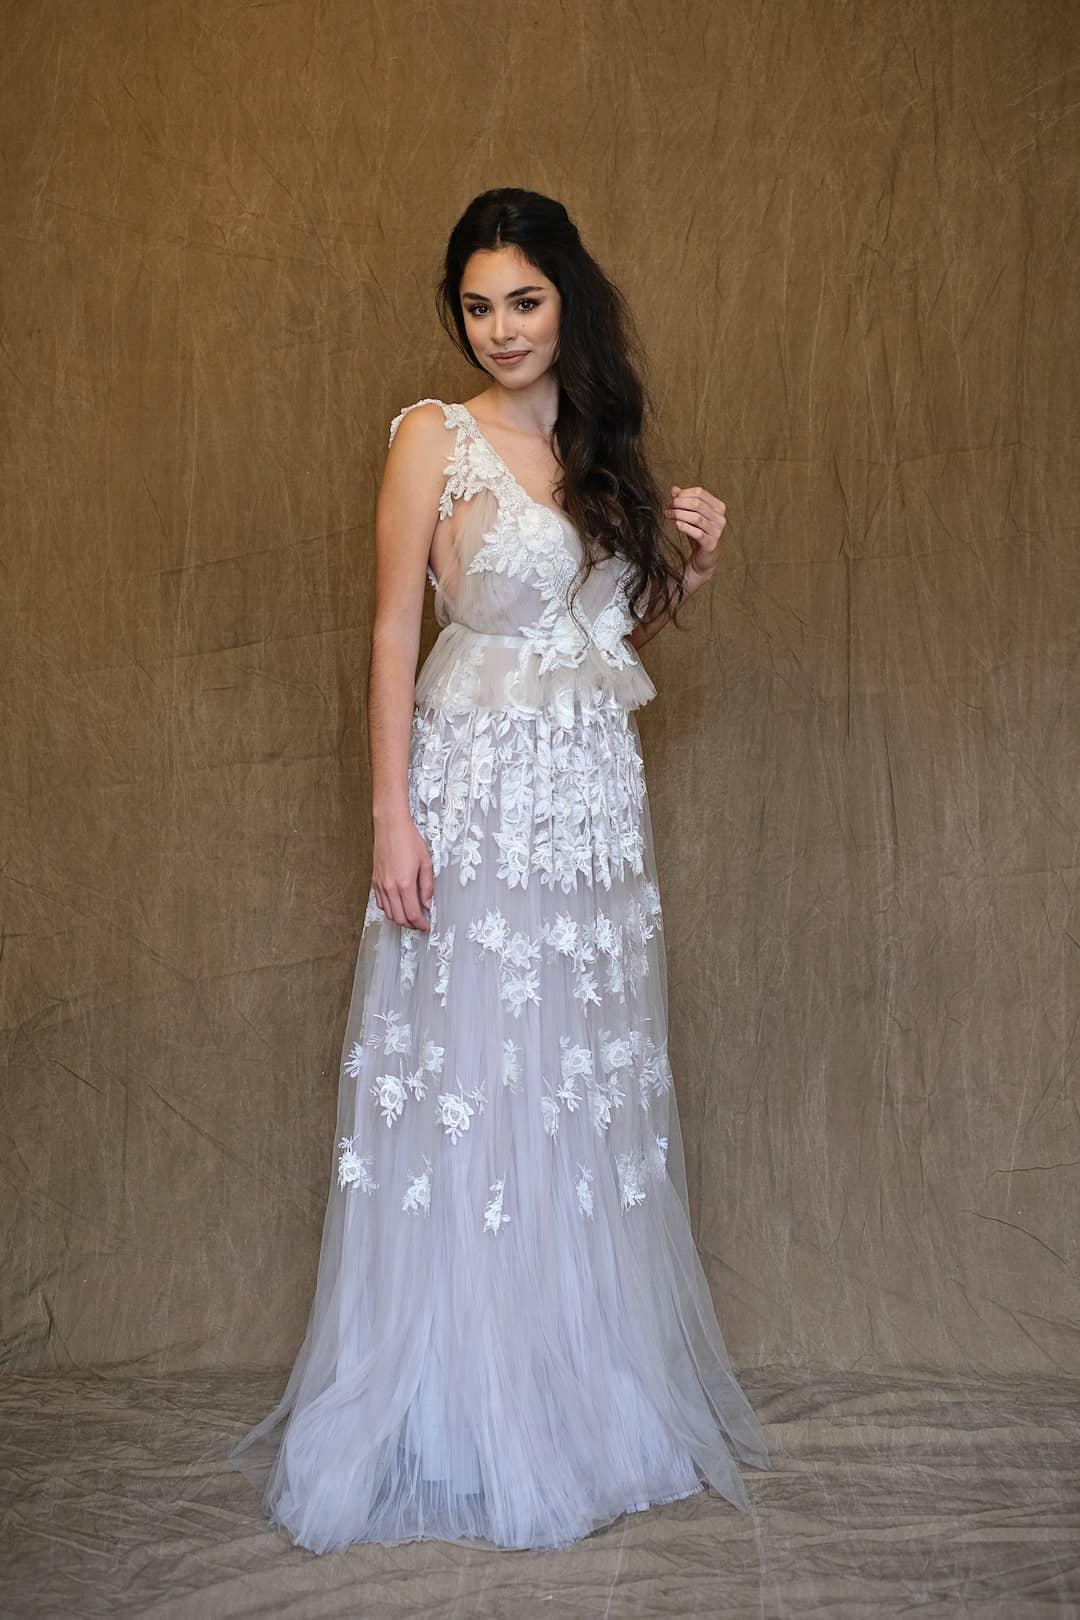 Romantikus menyasszonyi ruhák - Marco&Maria - 2017-1018 - front